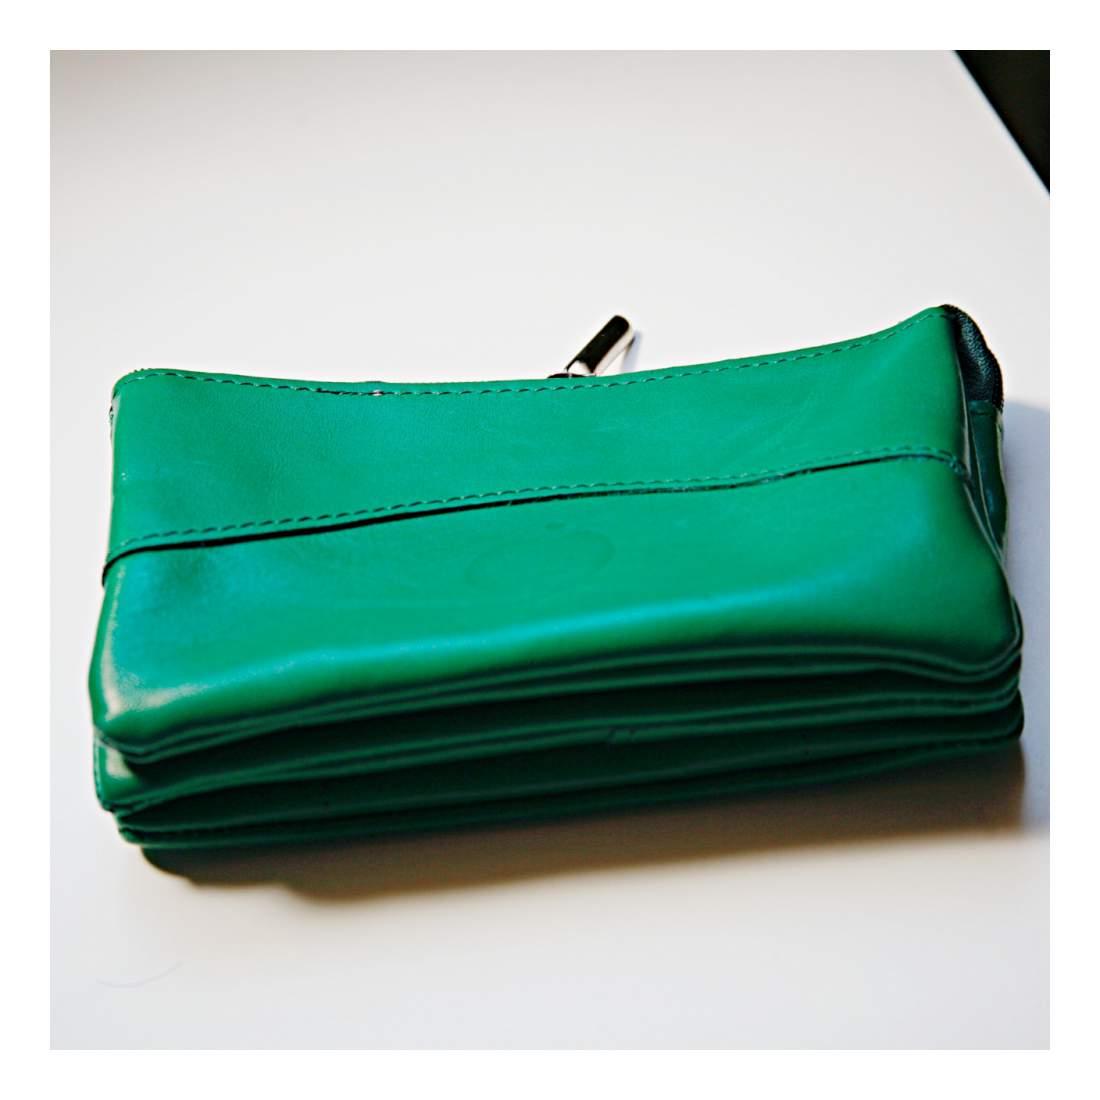 Bőr pénztárca zöld színben